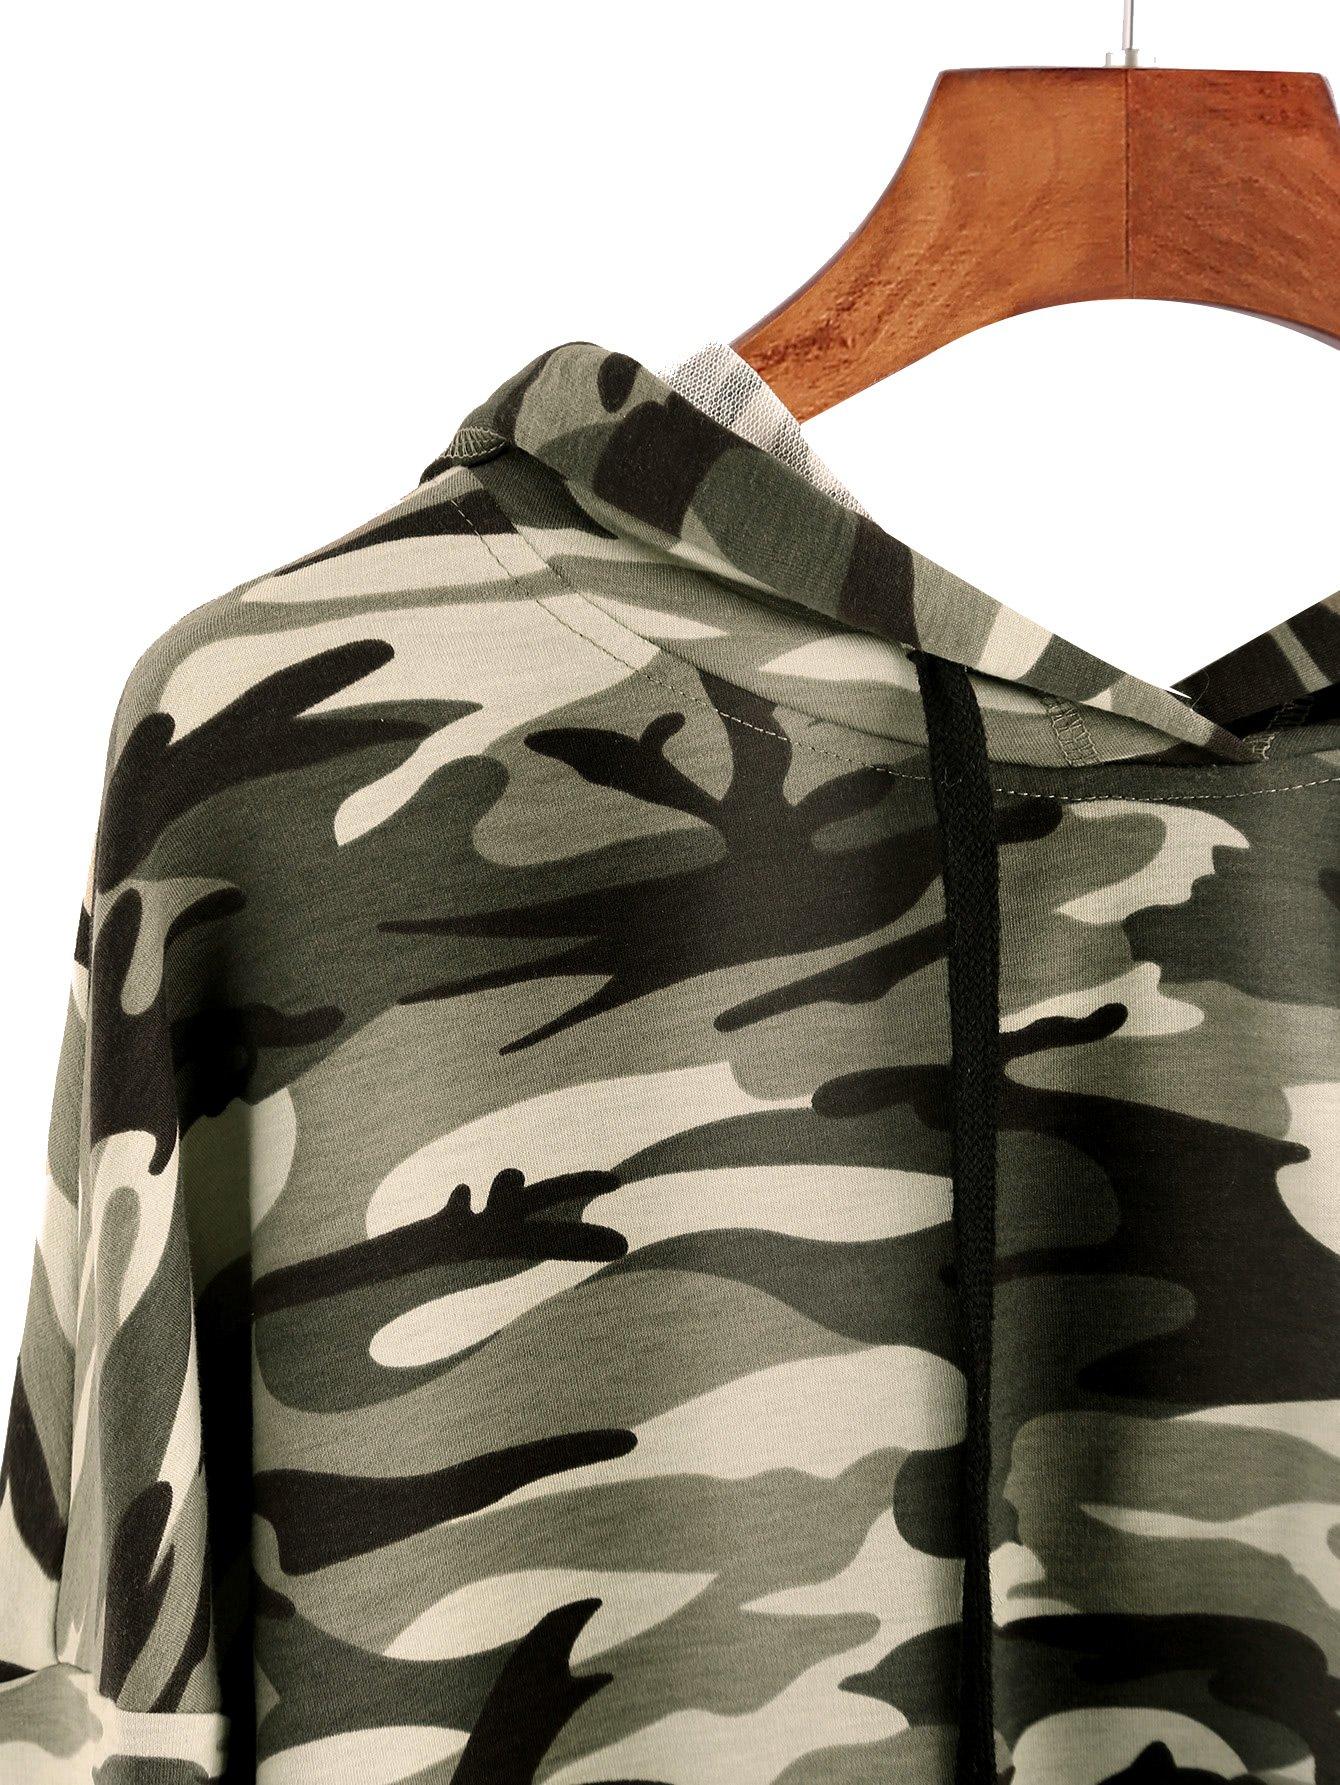 MAKEMECHIC Women's Long Sleeve Casual Printed Sweatshirt Crop Top Hoodies